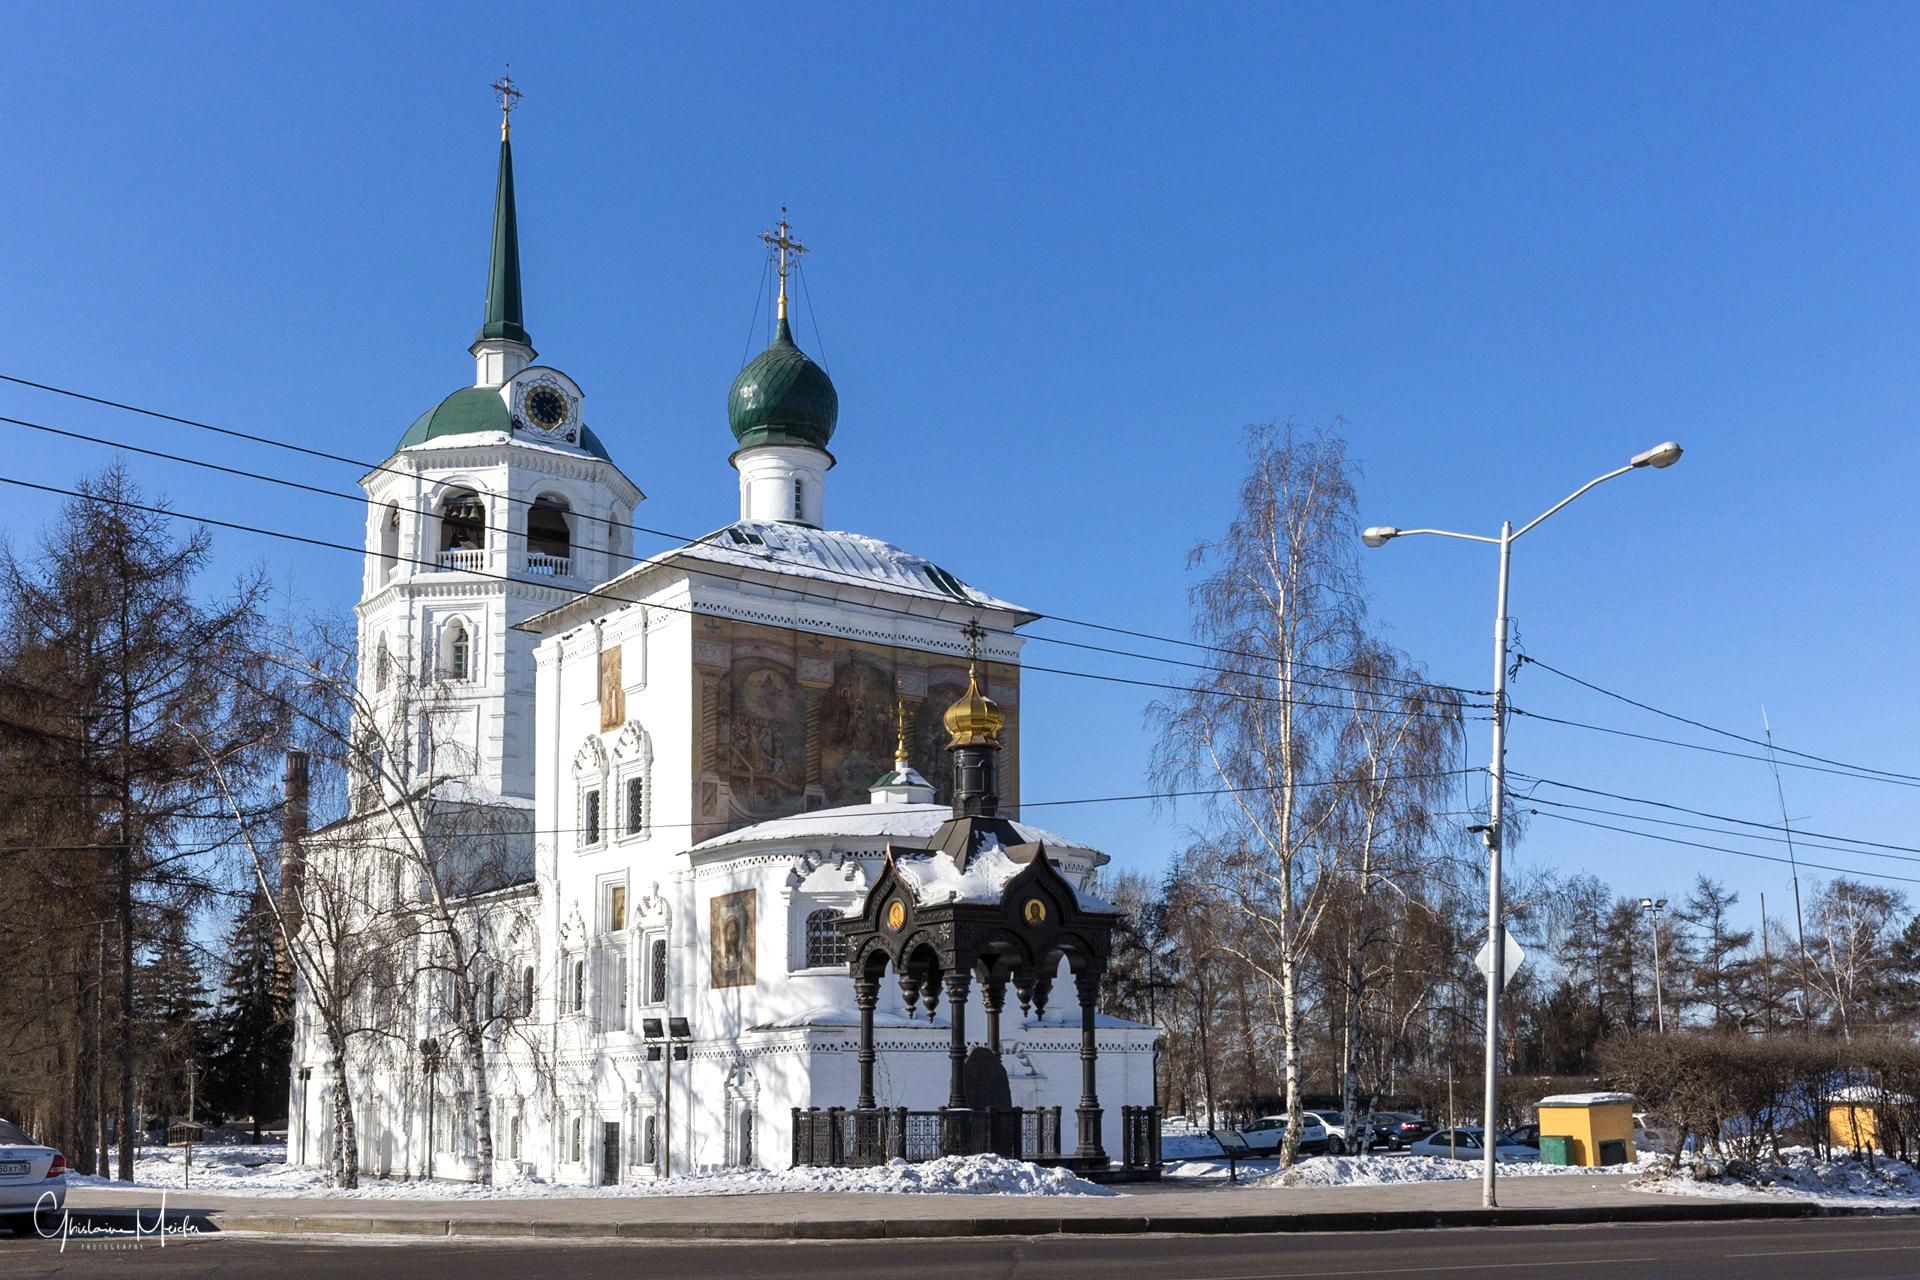 Baikal 2019-60907.jpg